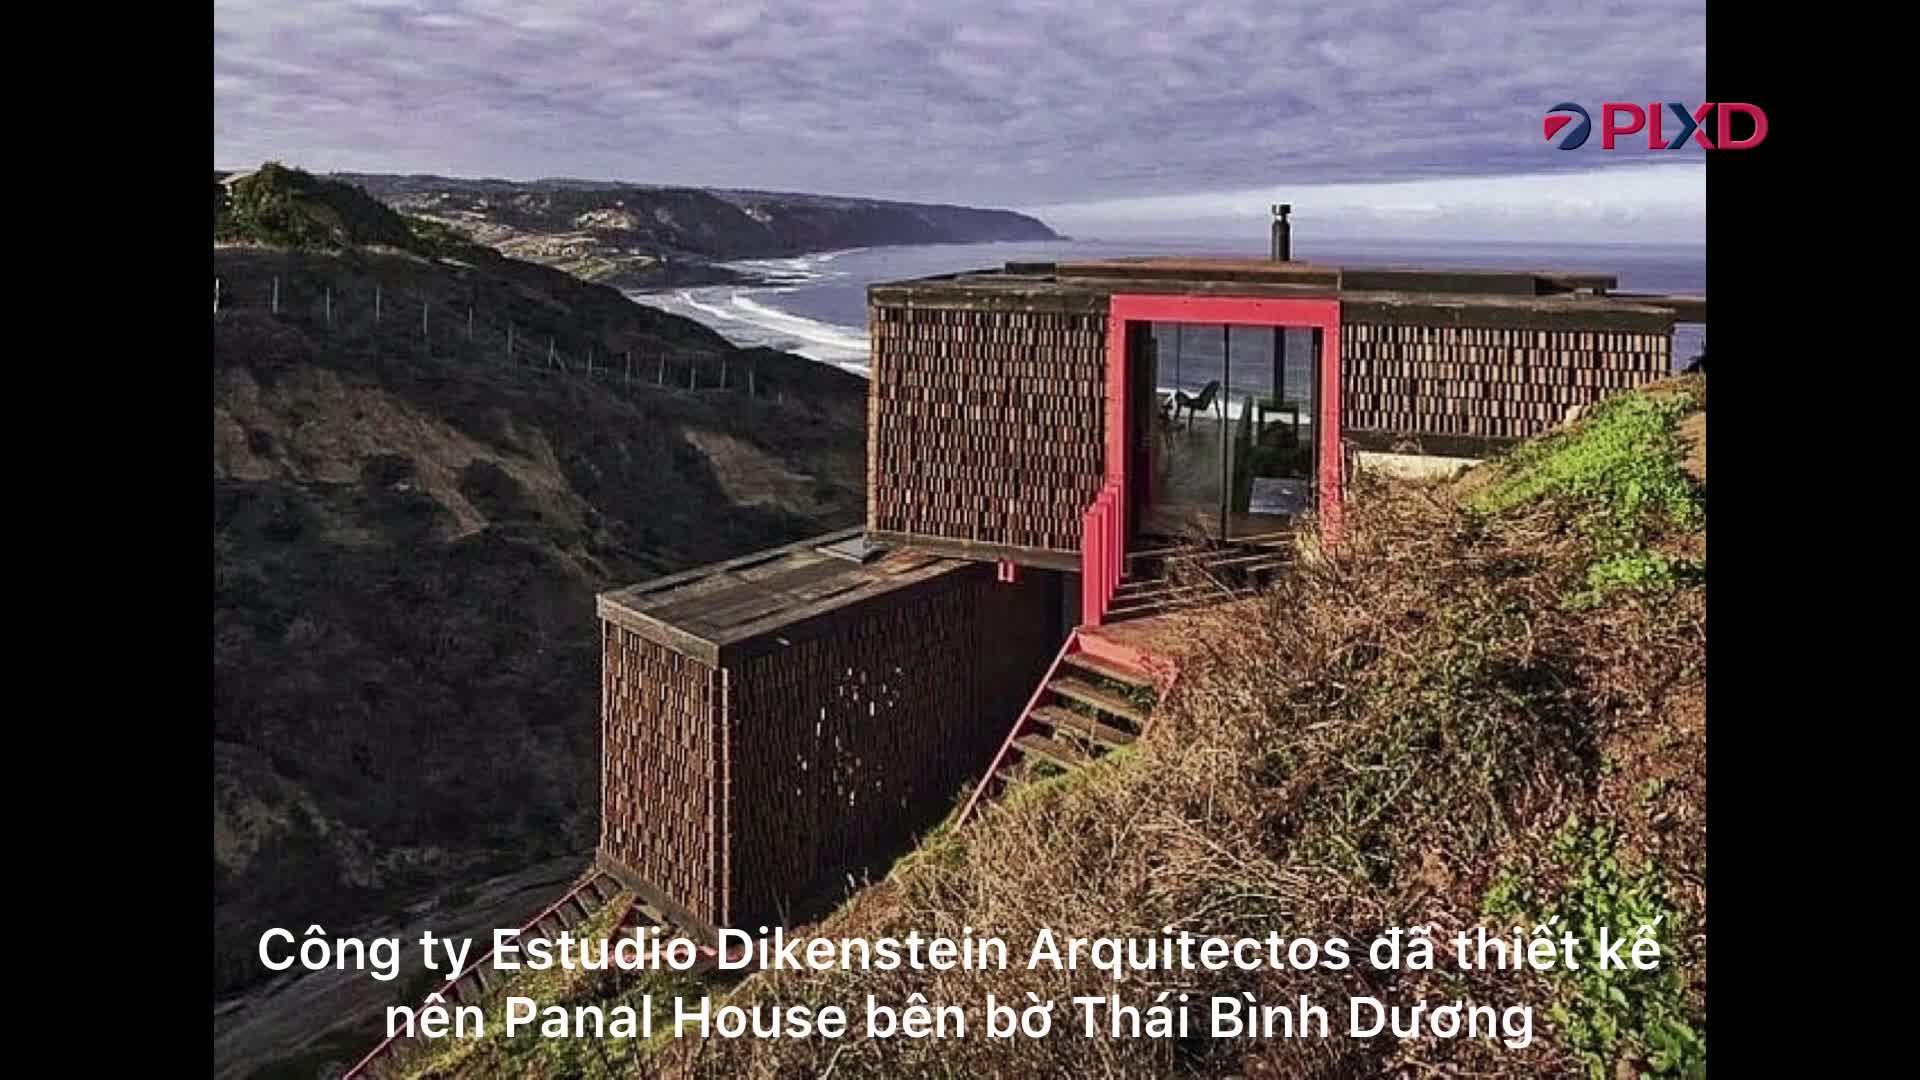 Lạ lùng ngôi nhà bên bờ biển Thái Bình Dương